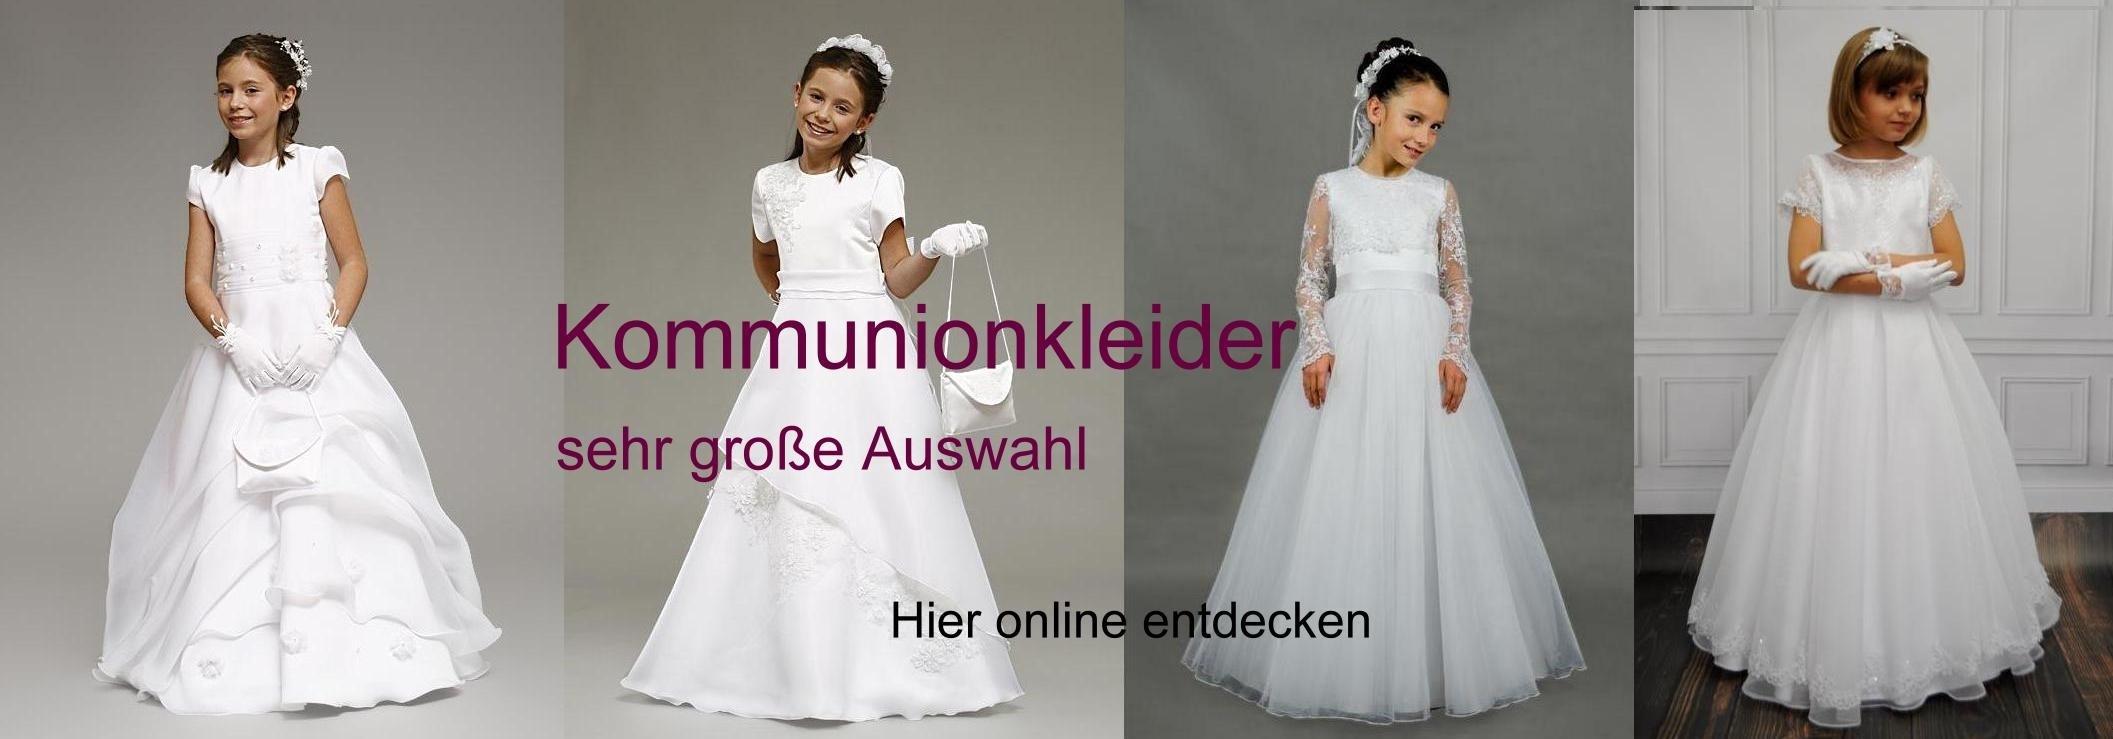 20 Schön Brautkleider Und Abendkleider für 2019 Spektakulär Brautkleider Und Abendkleider Vertrieb